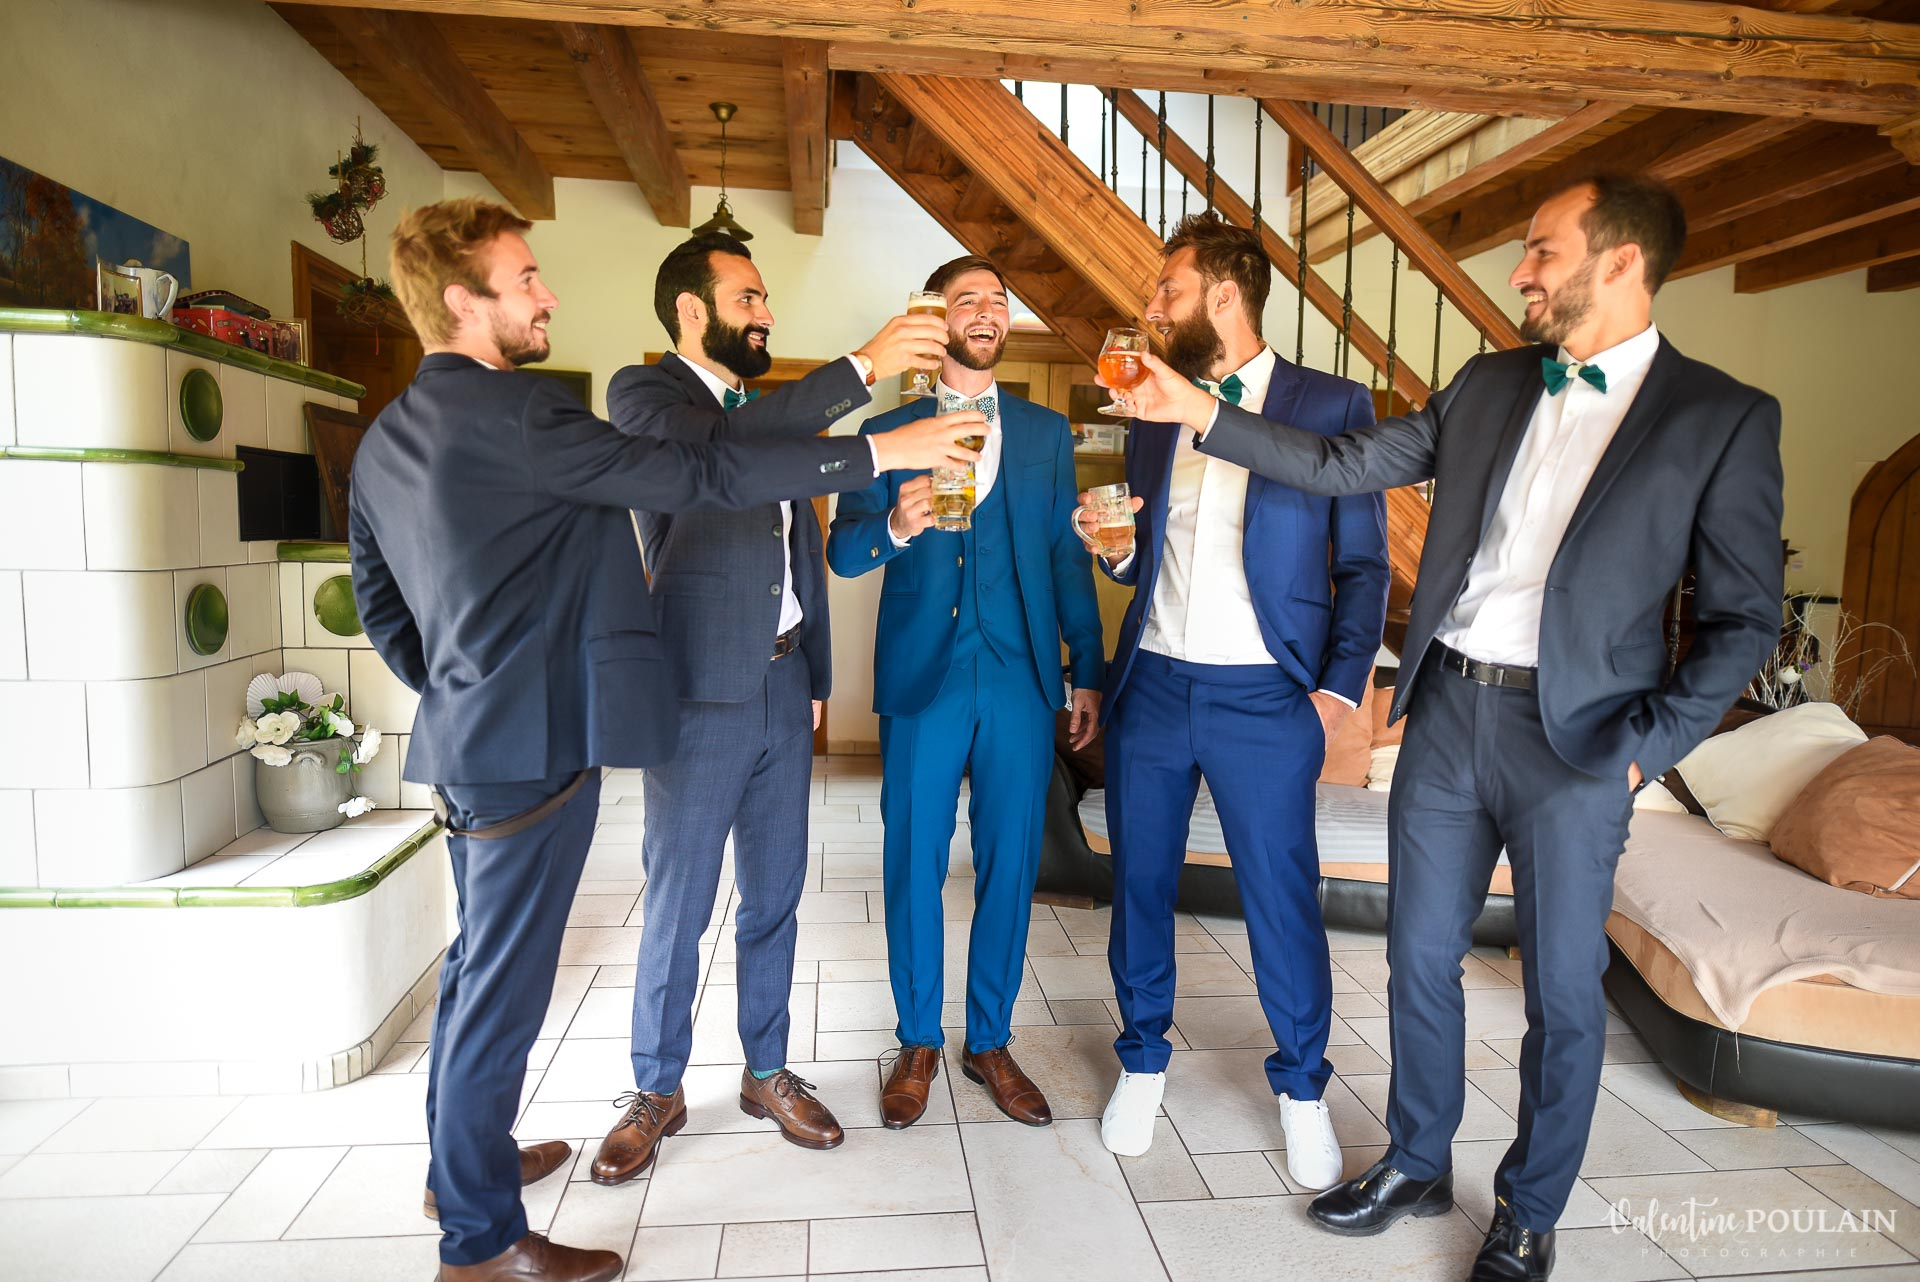 Mariage La Drille au bord de l'eau - Valentine Poulain bière